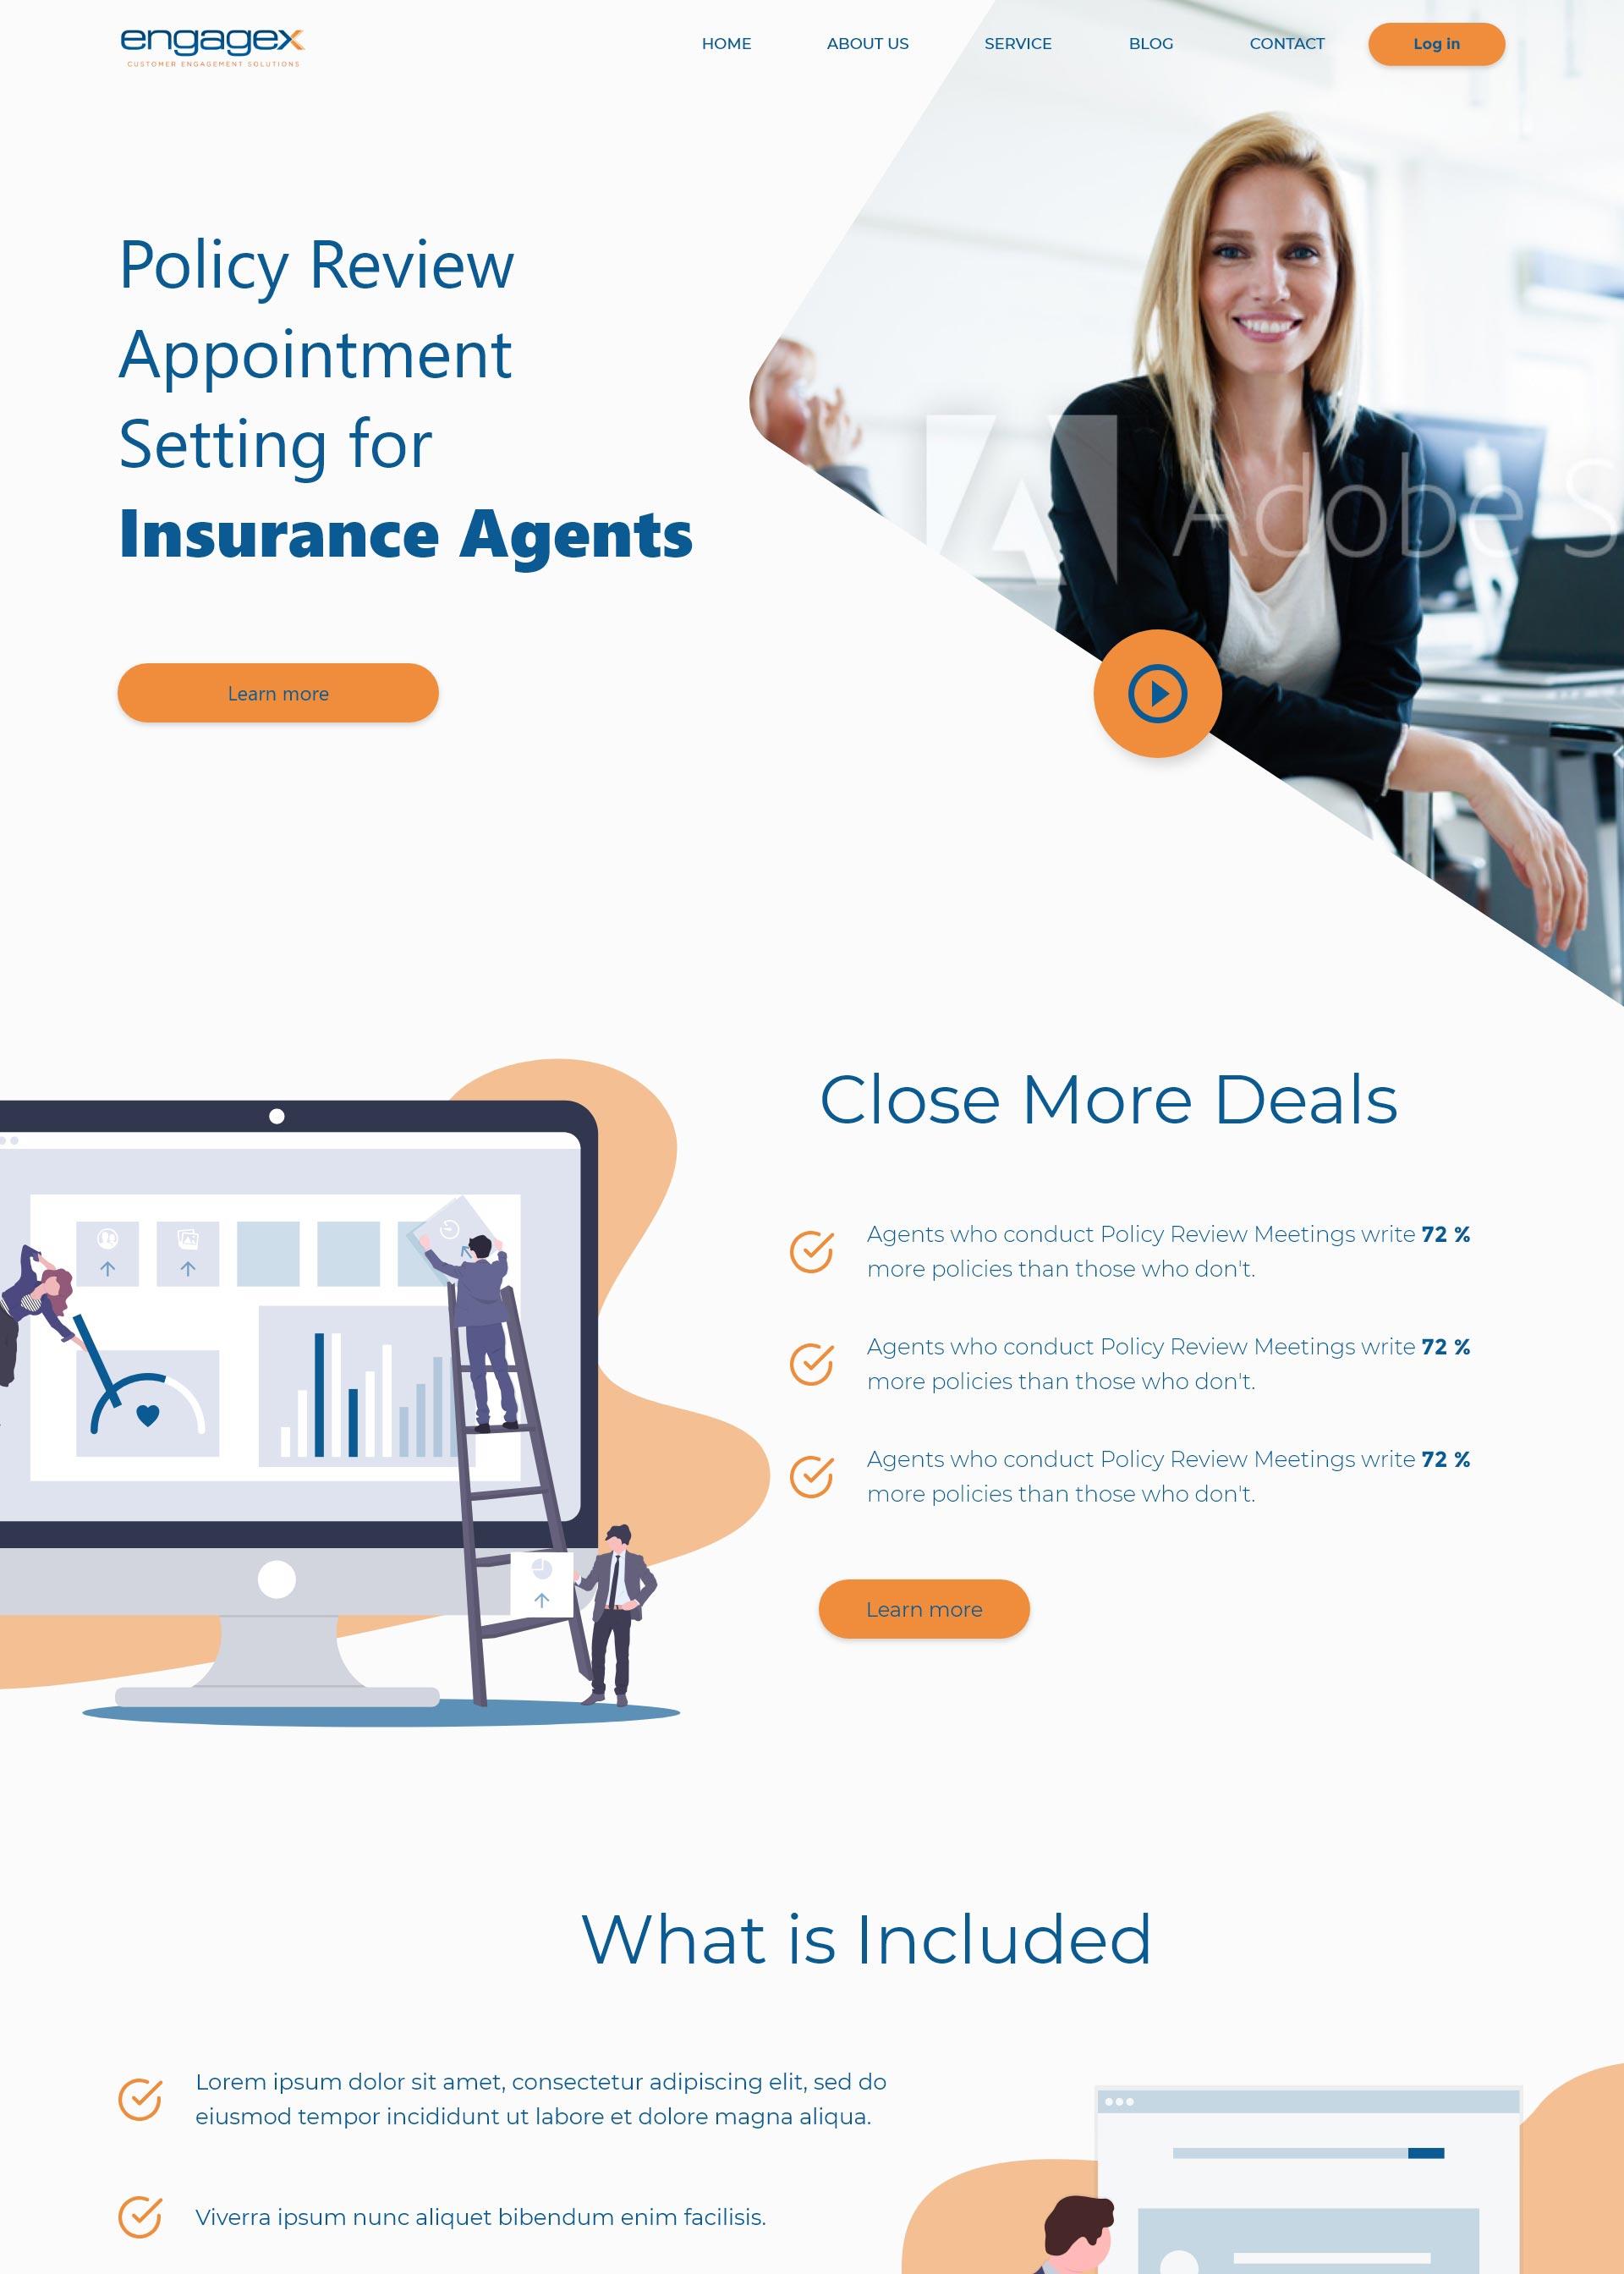 Koncept domače spletne strani za Engagex Appointments